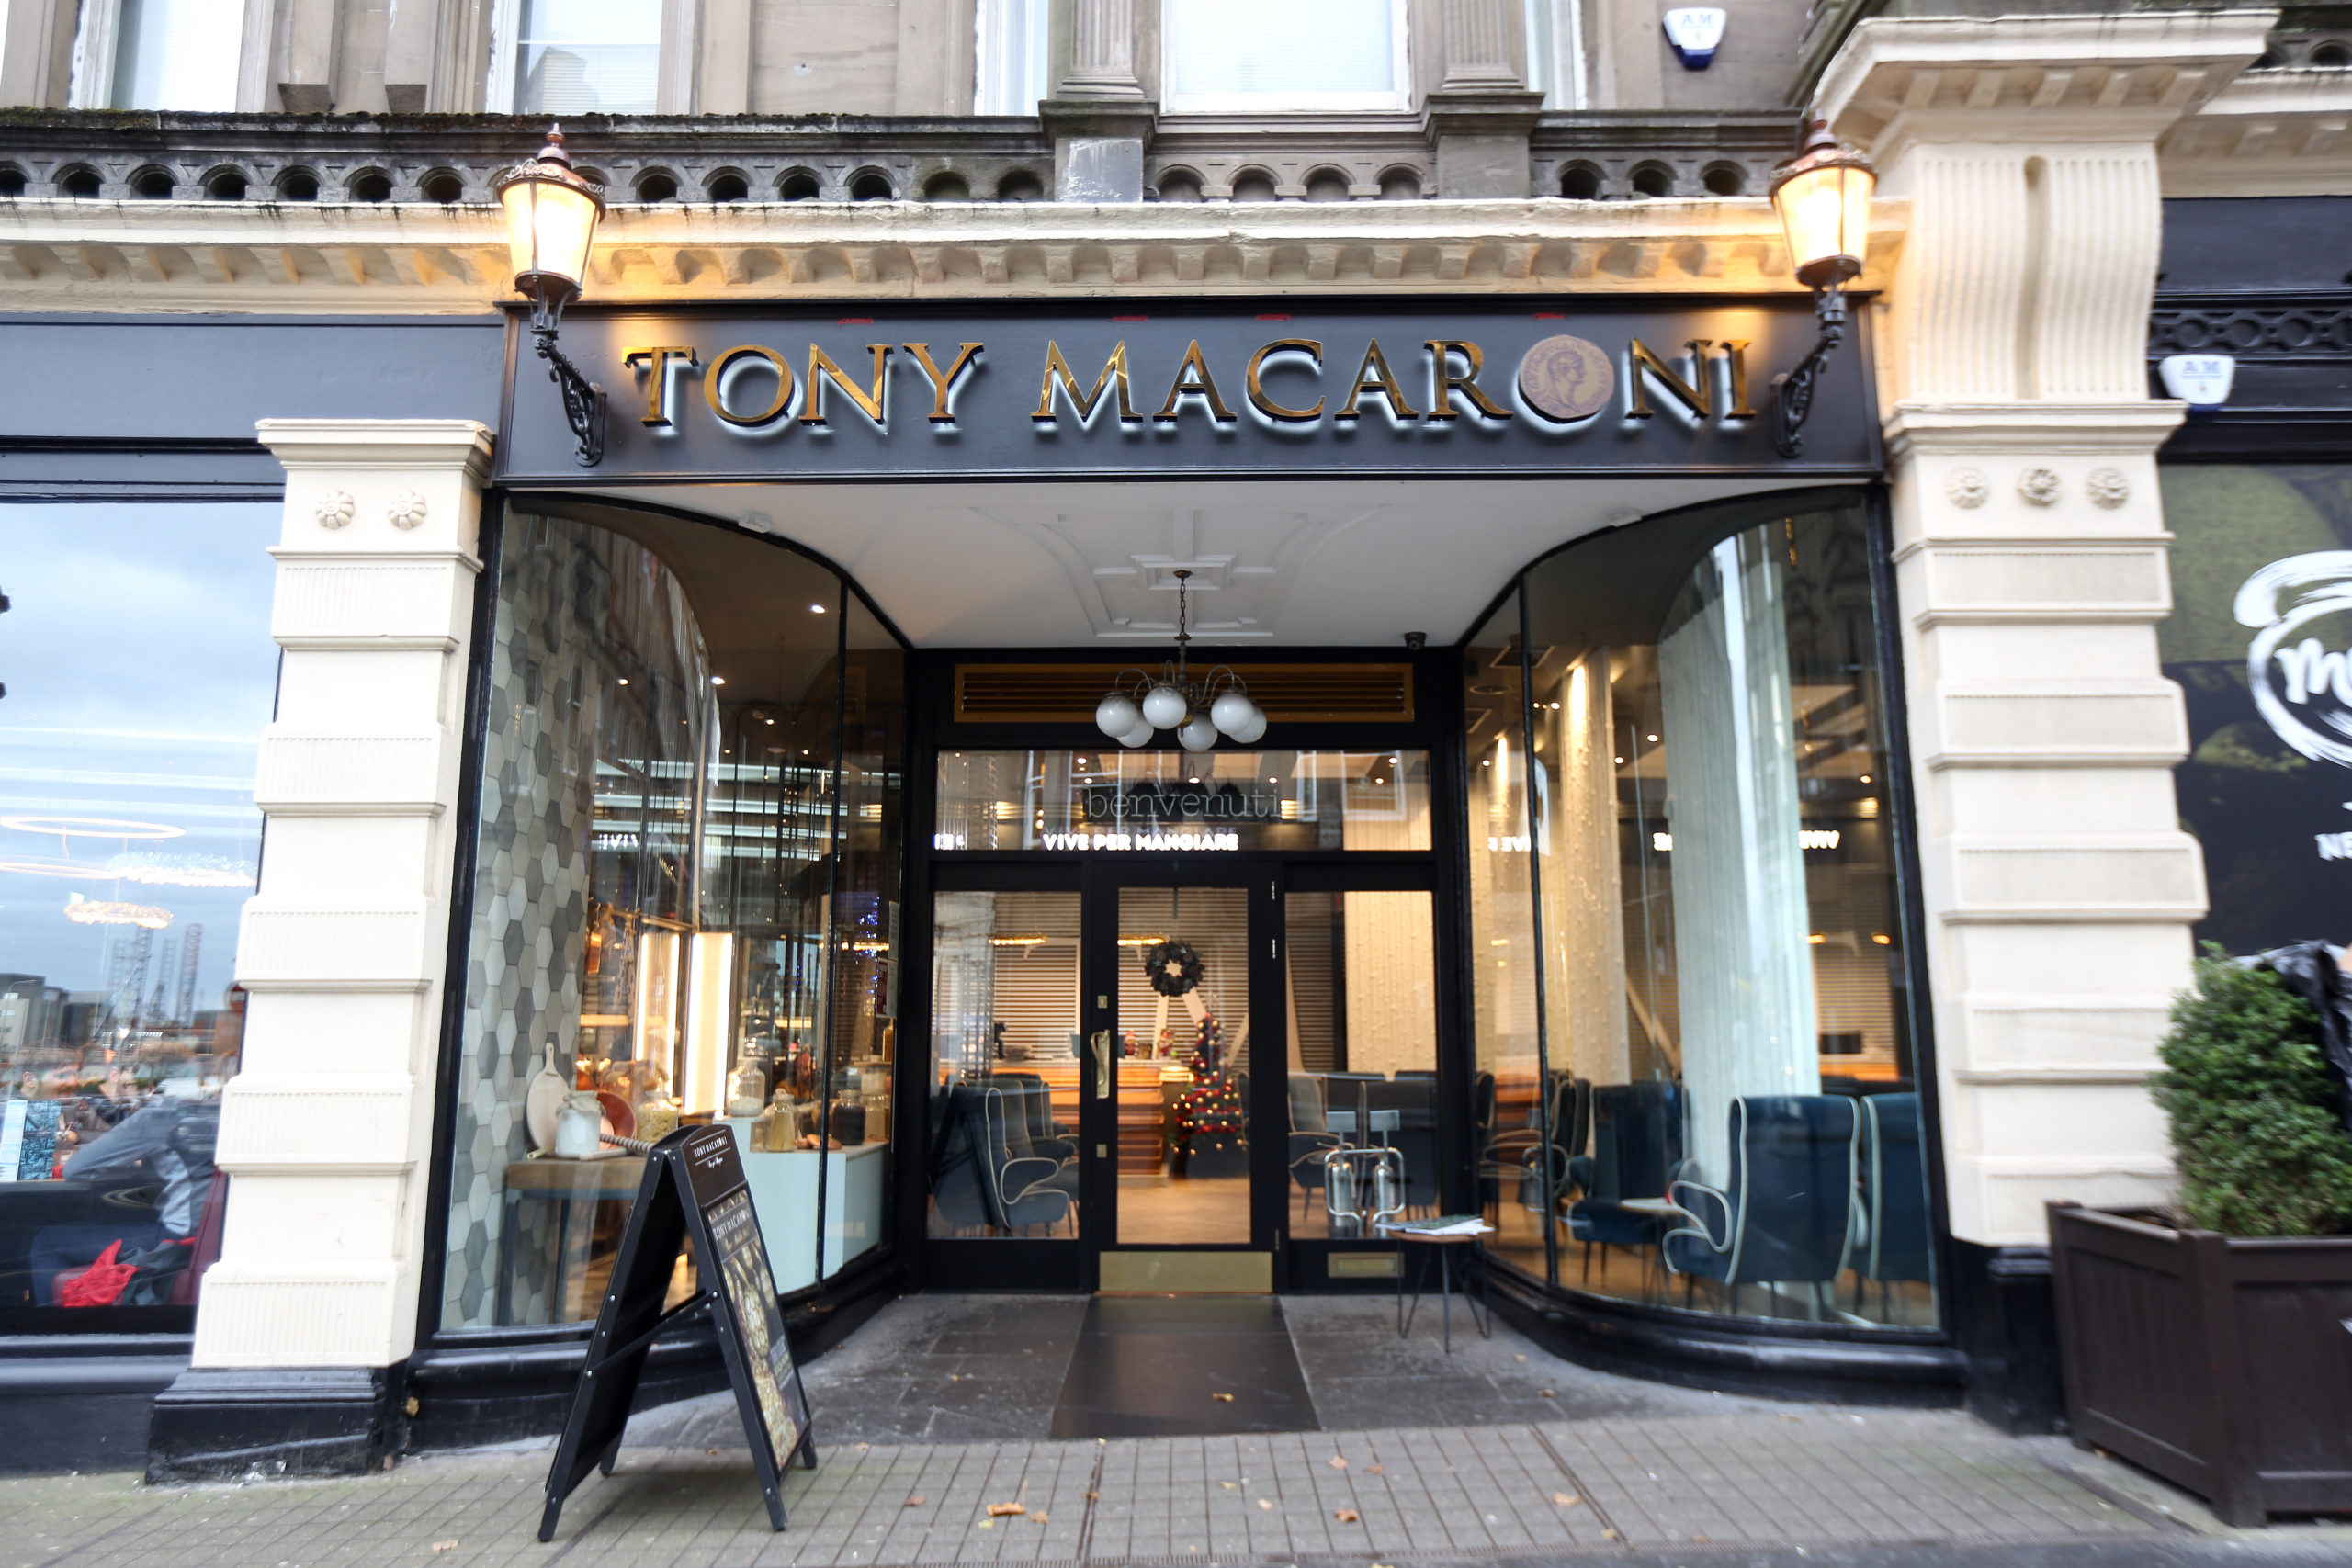 Tony Macaroni, Whitehall Street